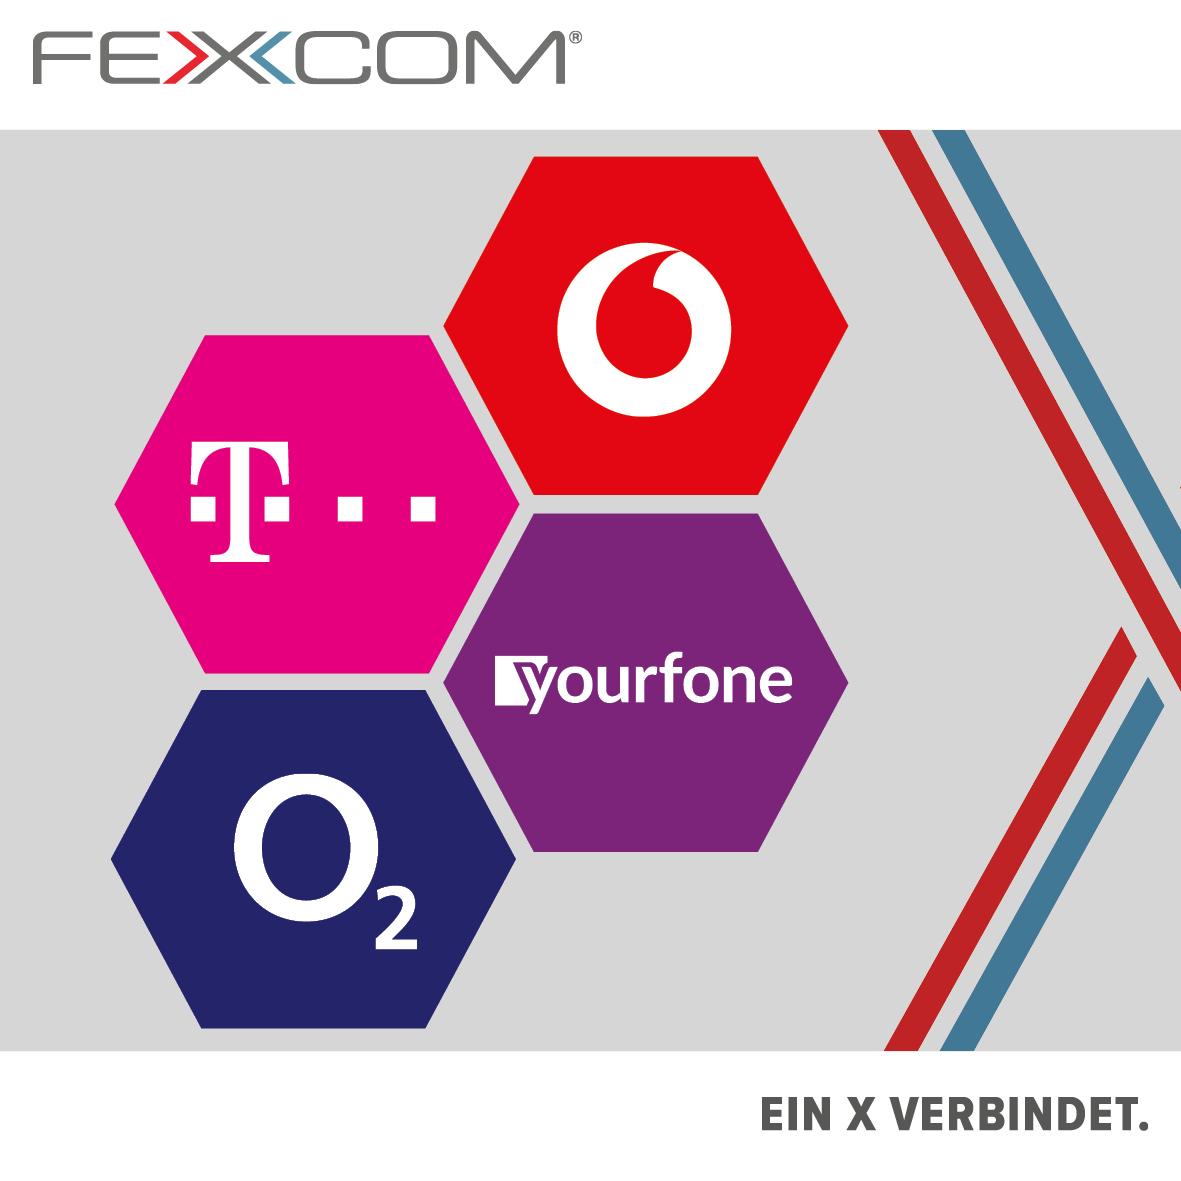 Mobilfunkshop FEXCOM Trier